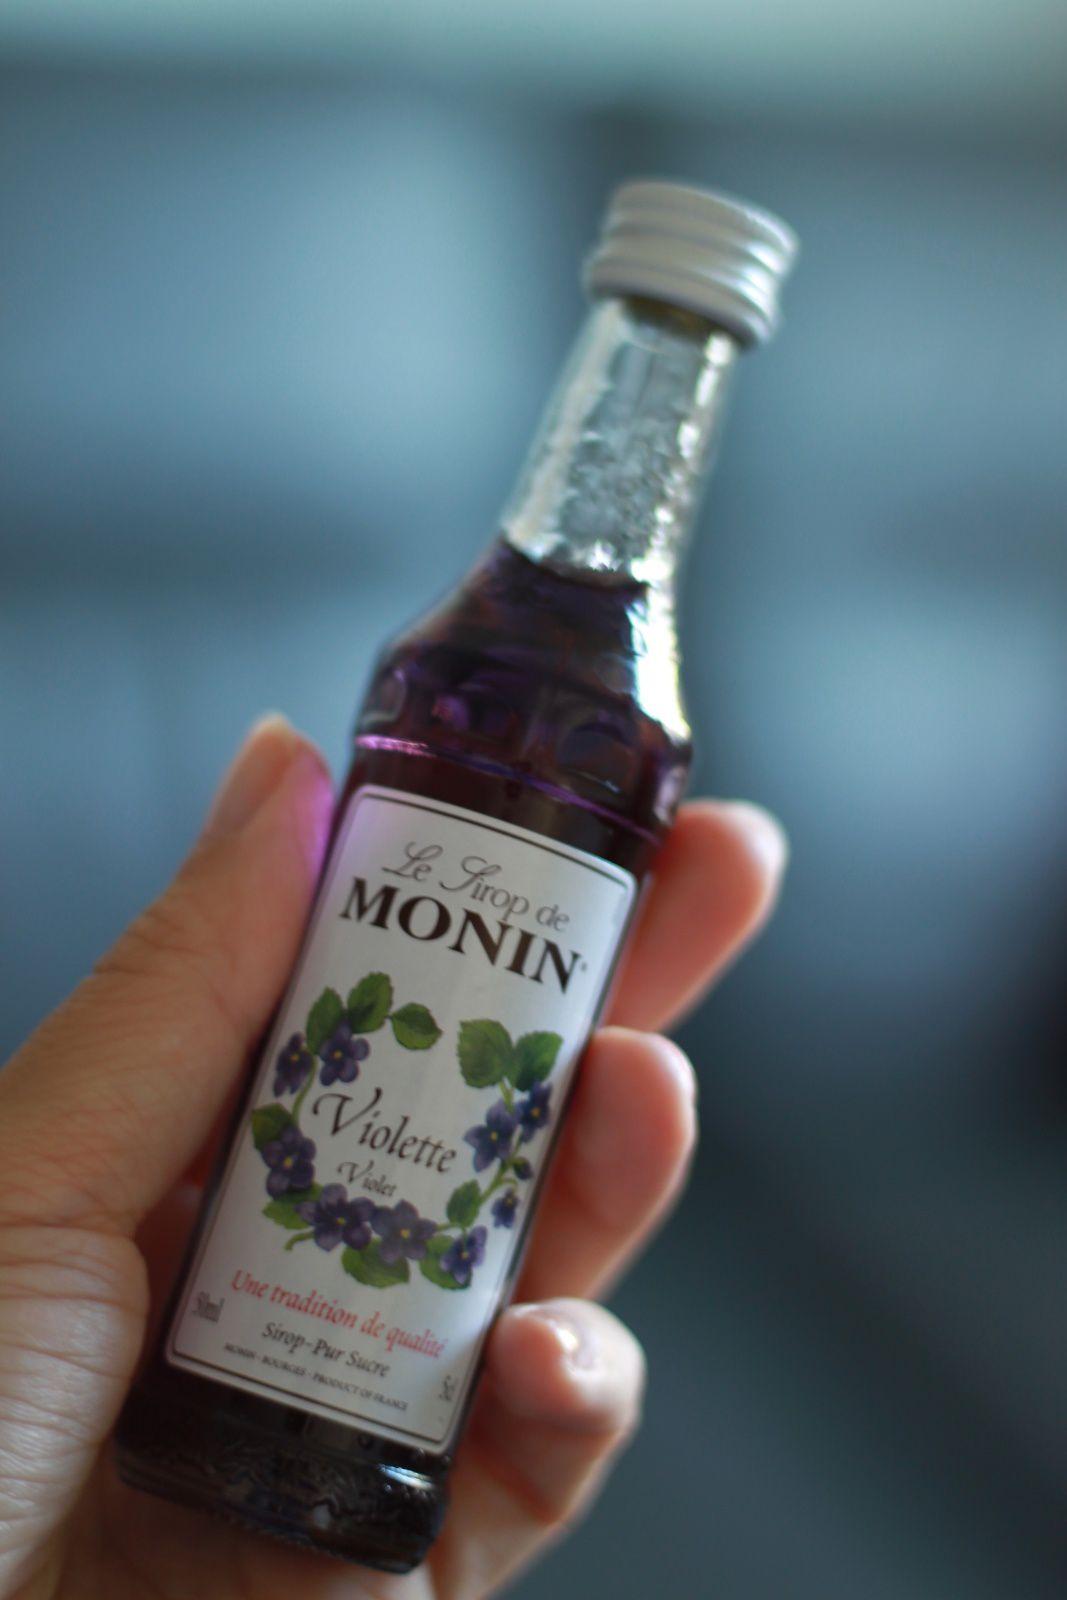 La violette, à tester en cuisine...^^, Mes chouchous bio